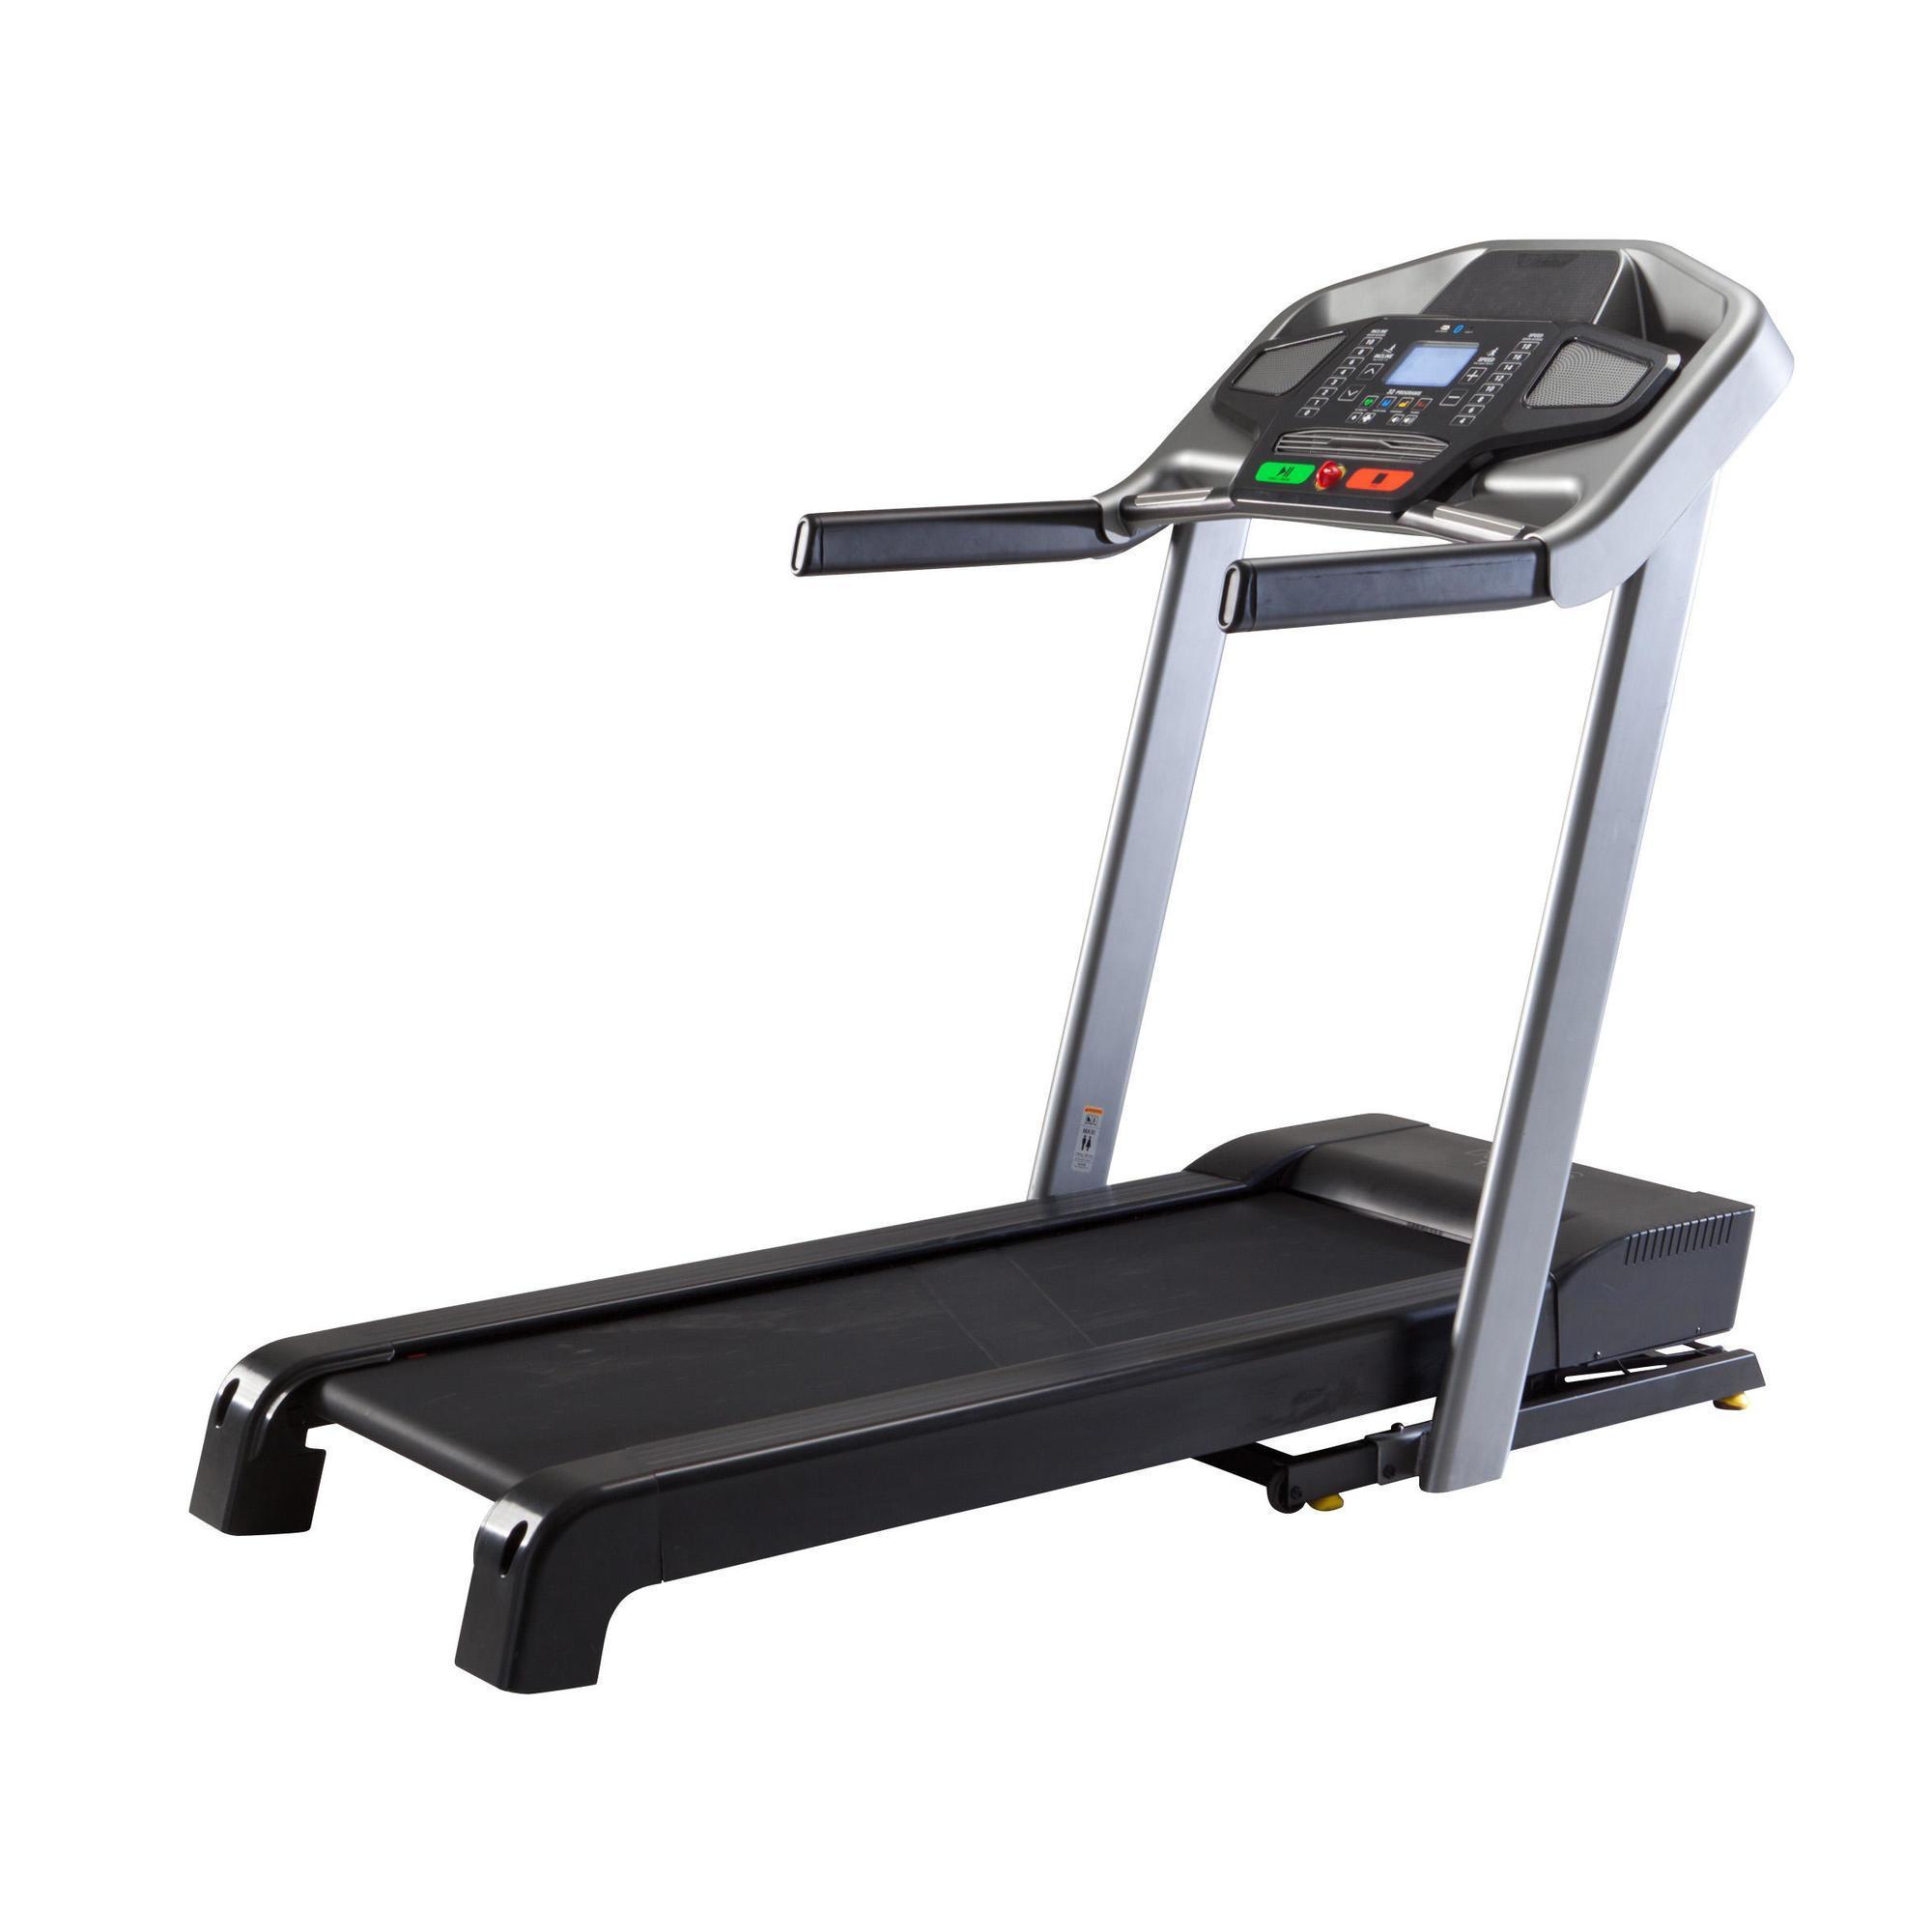 T900a Treadmill Domyos By Decathlon